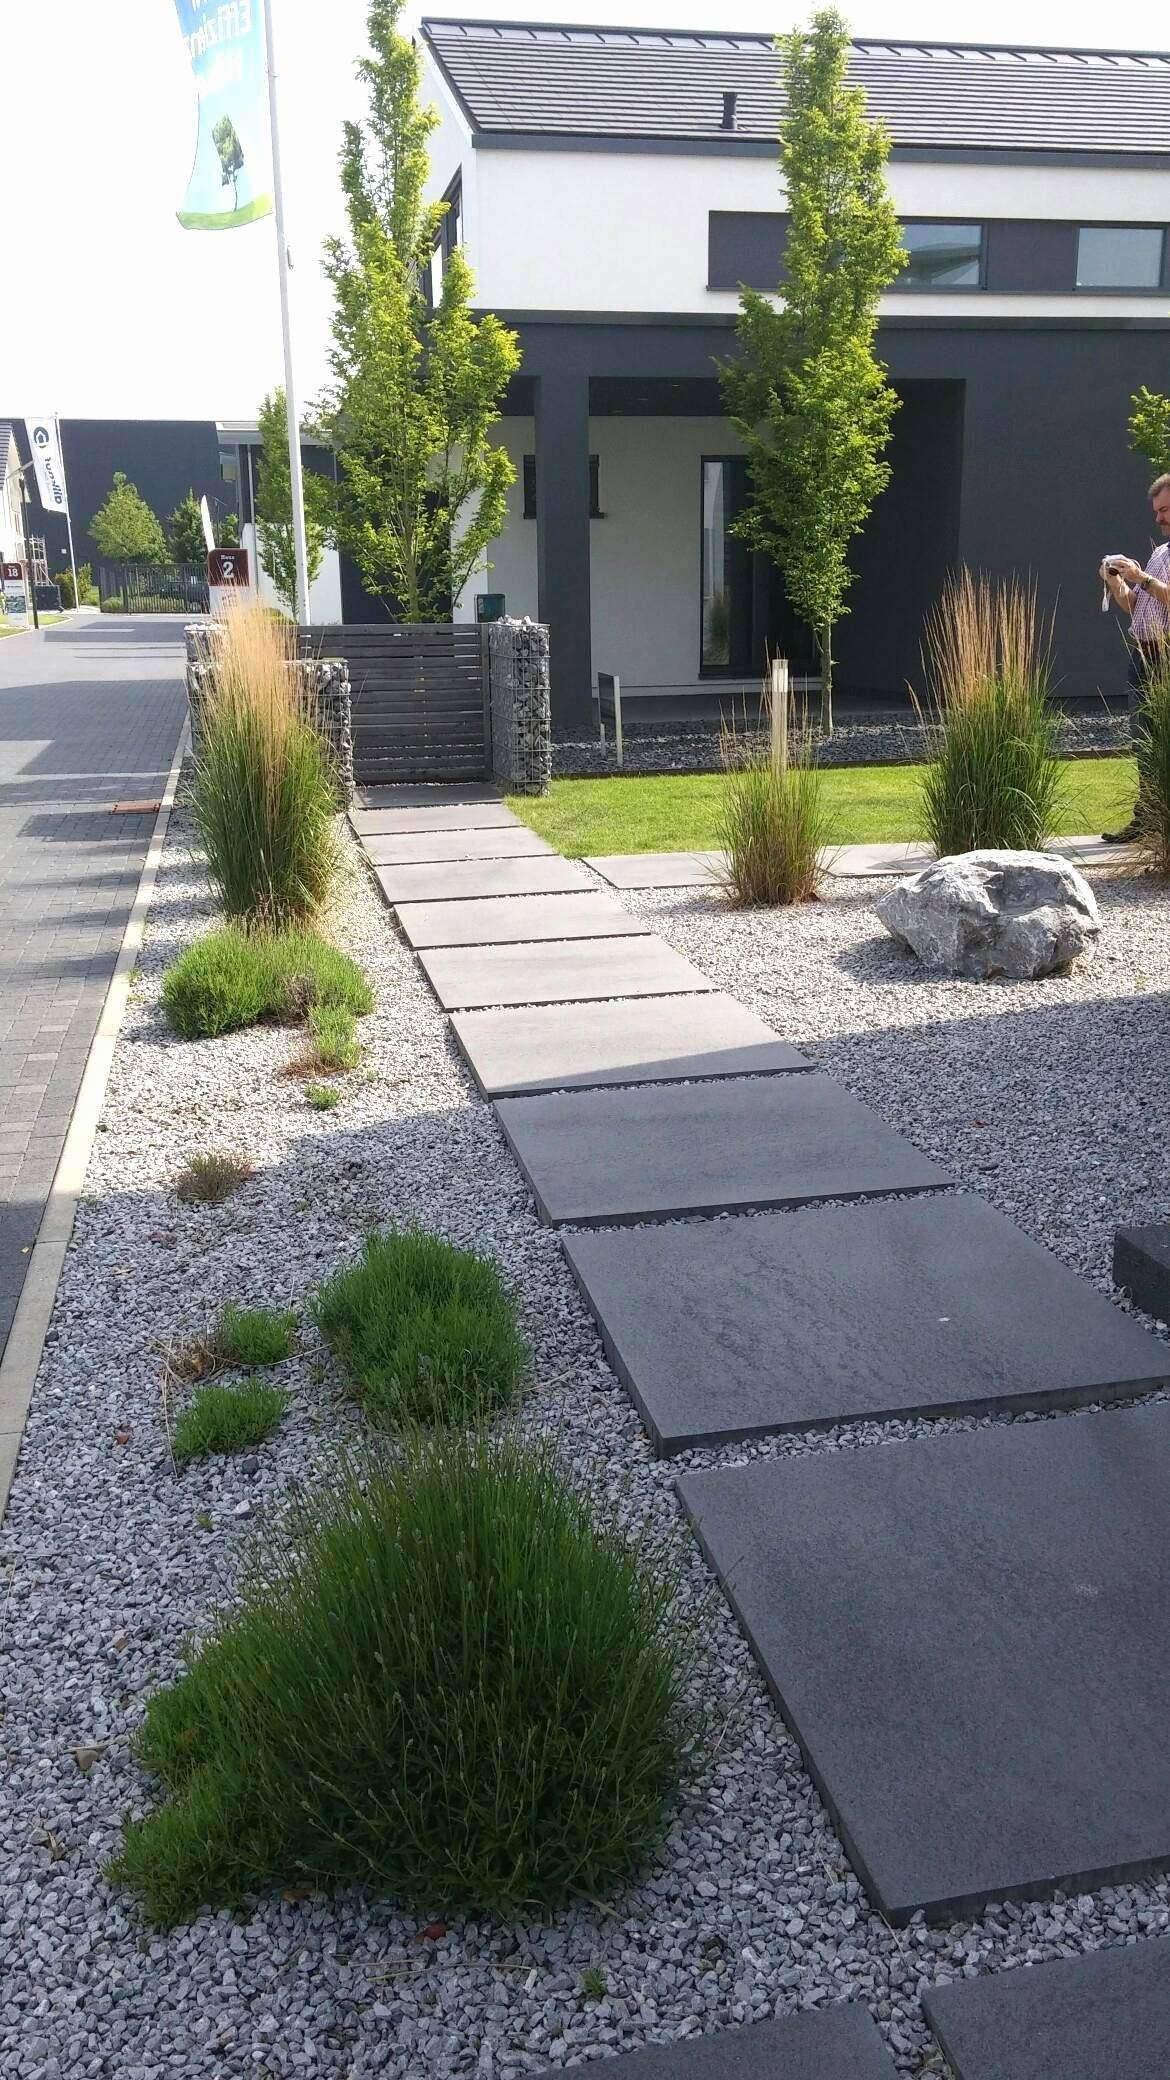 Japanischer Garten Frankfurt Inspirierend Garten Ideas Garten Anlegen Lovely Aussenleuchten Garten 0d